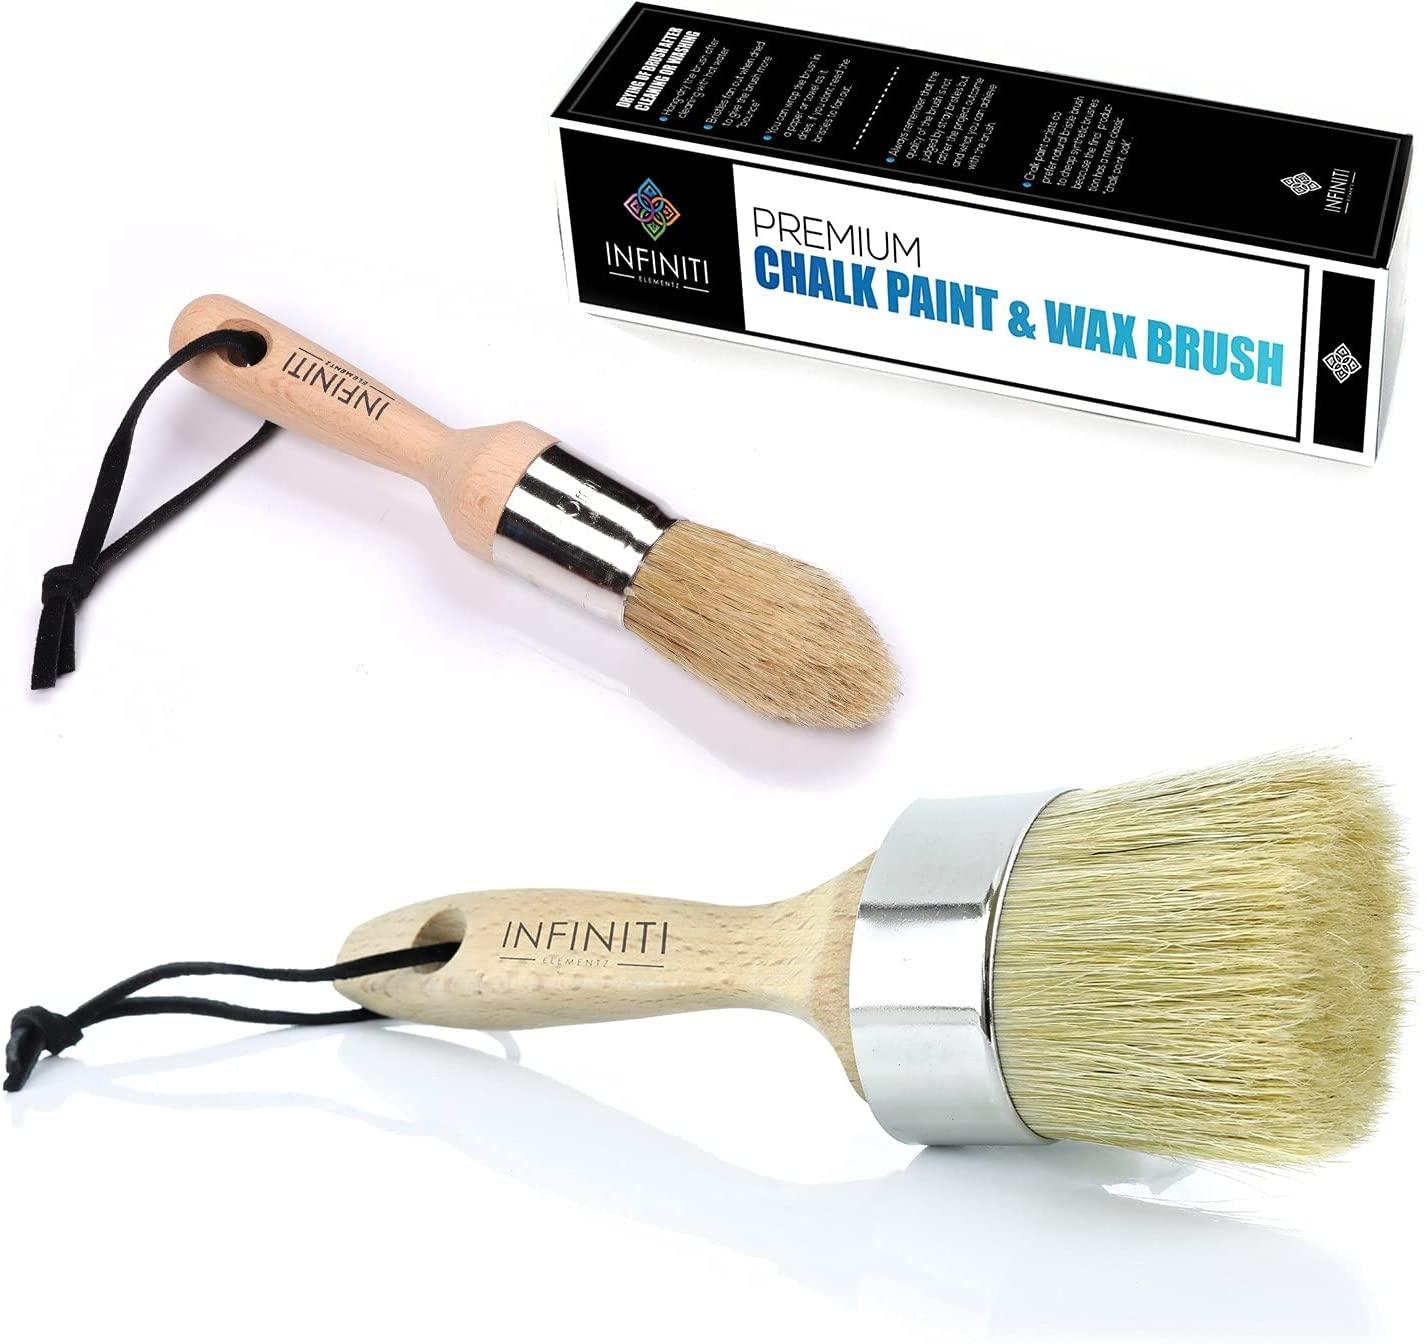 Premium-Chalk-Paint-and-Wax-Brush